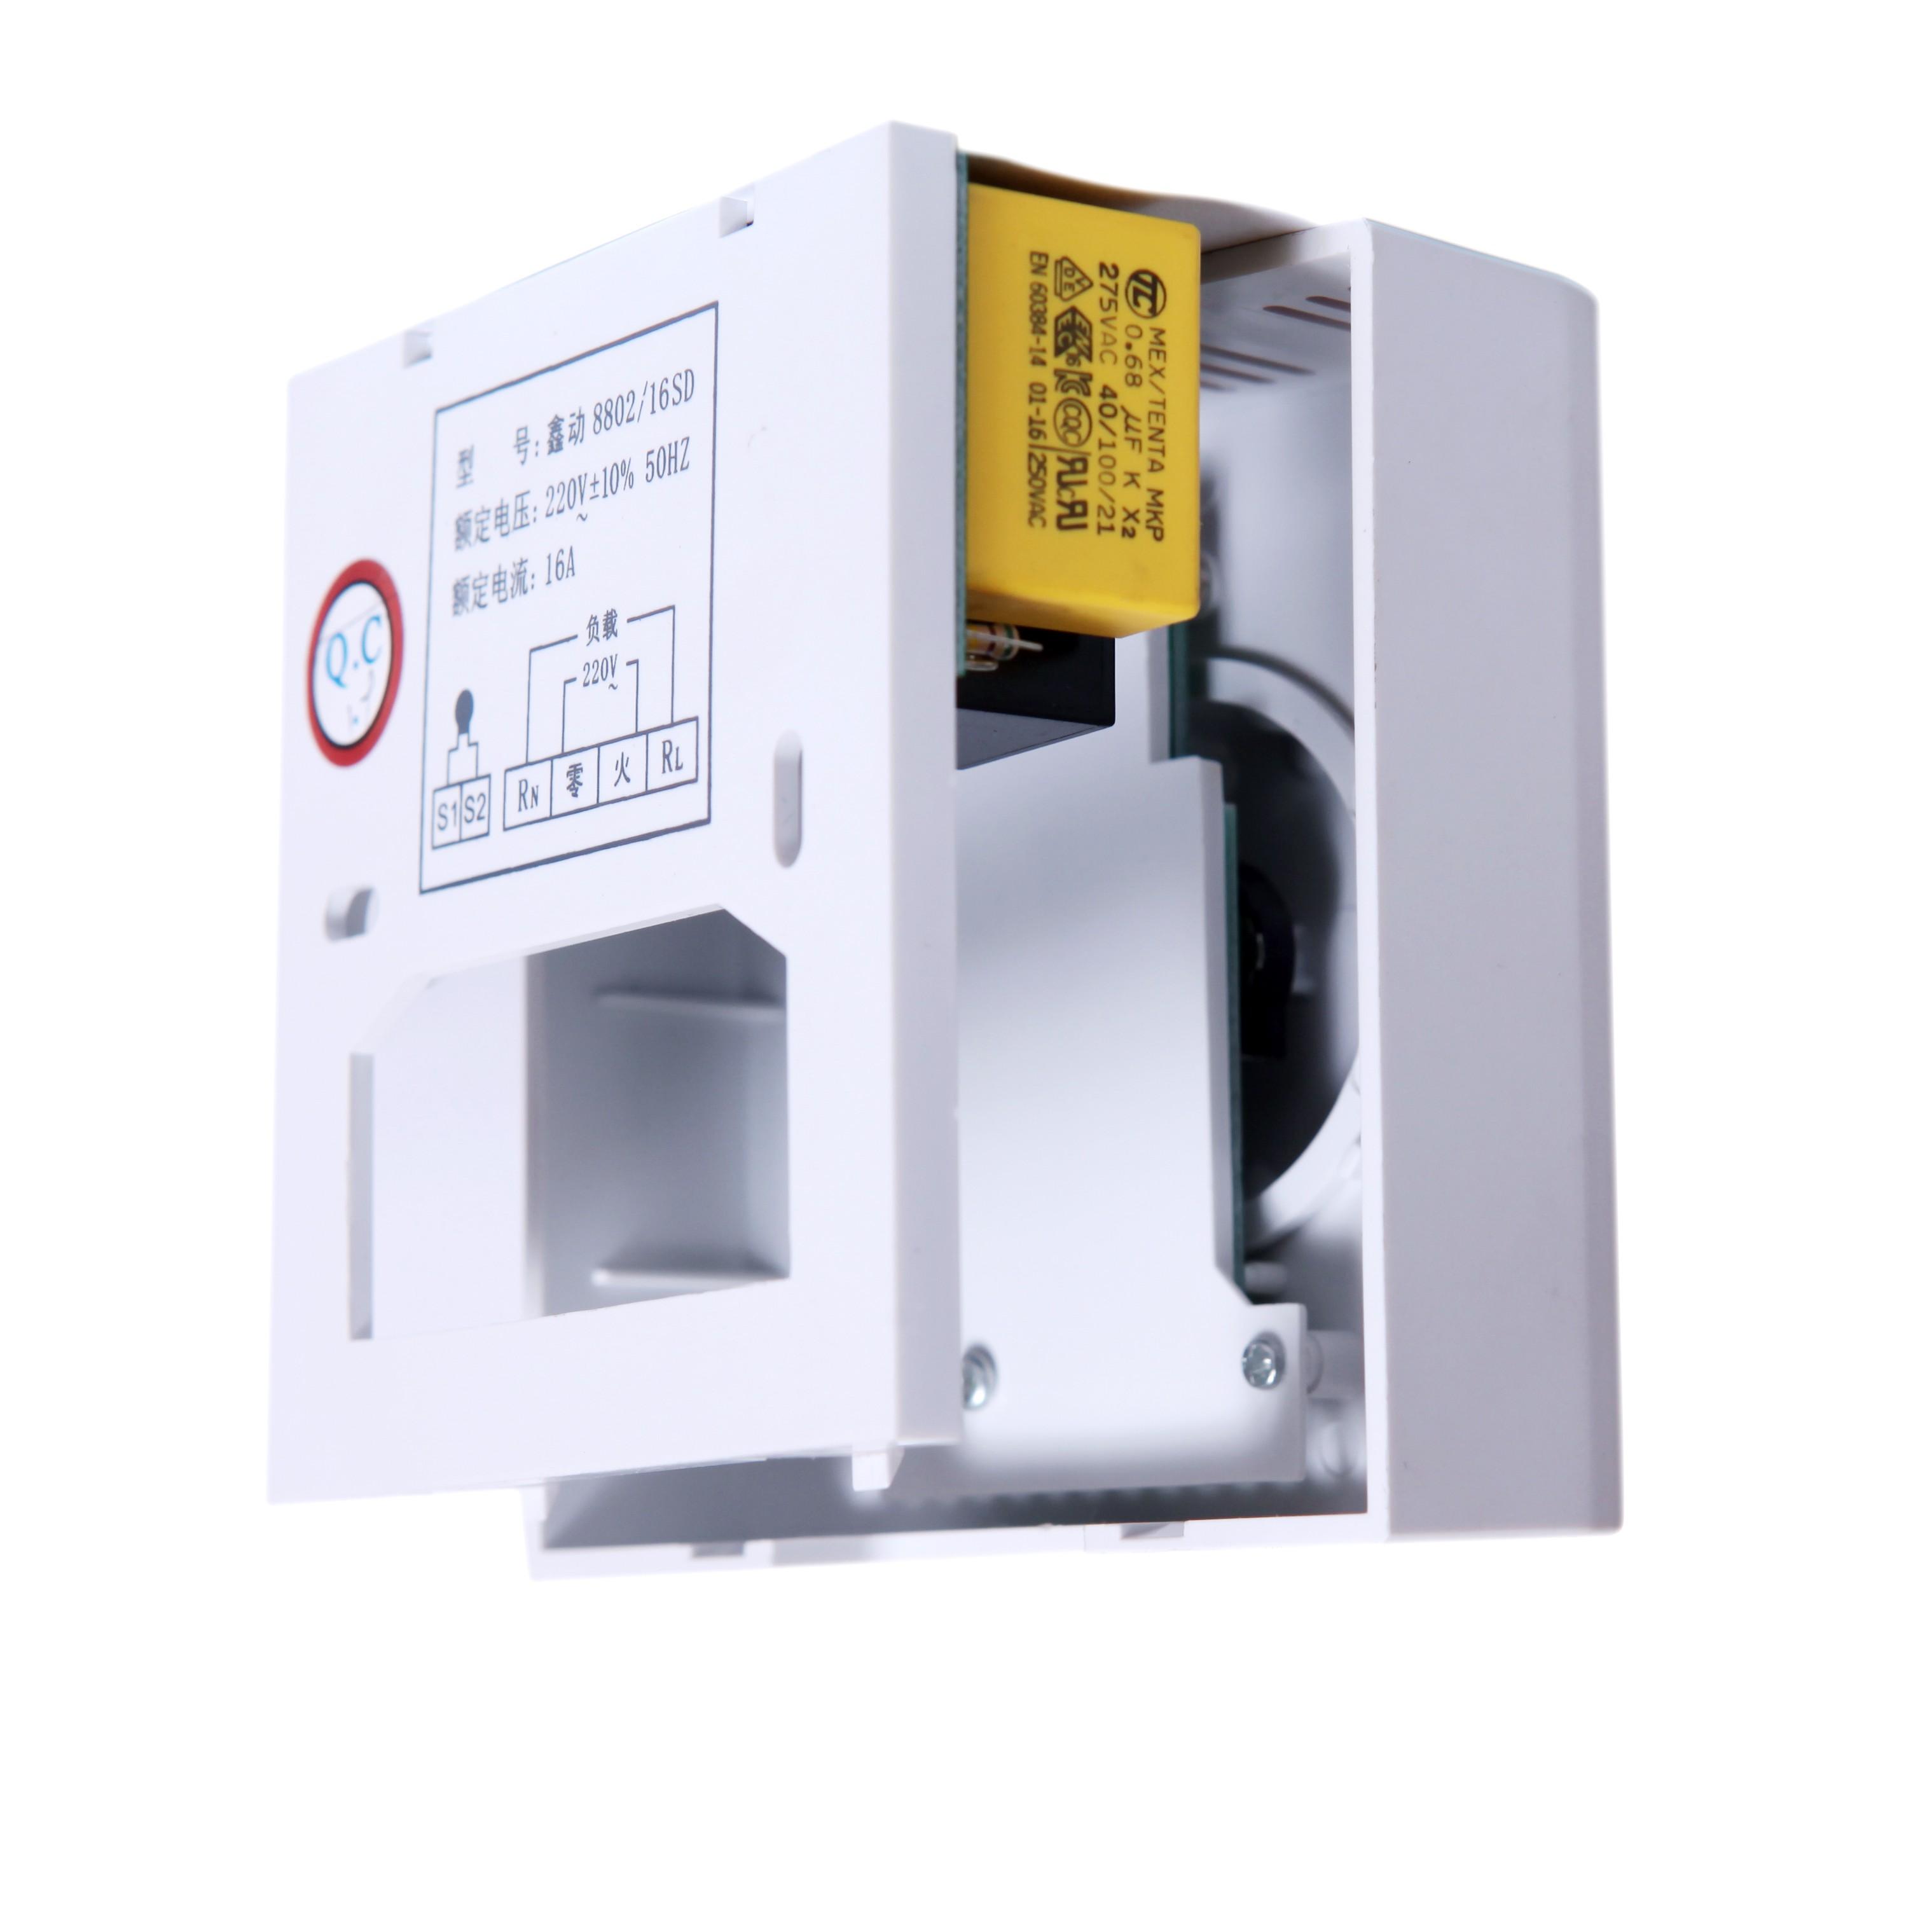 Xinyuan ไฟฟ้าความร้อนไฟฟ้าของฟิล์มความร้อนความร้อนคาร์บอนไฟเบอร์เสื่อทาทามิ 8802 สวิตช์ความร้อนไฟฟ้าเครื่องควบคุมอุณหภูมิ